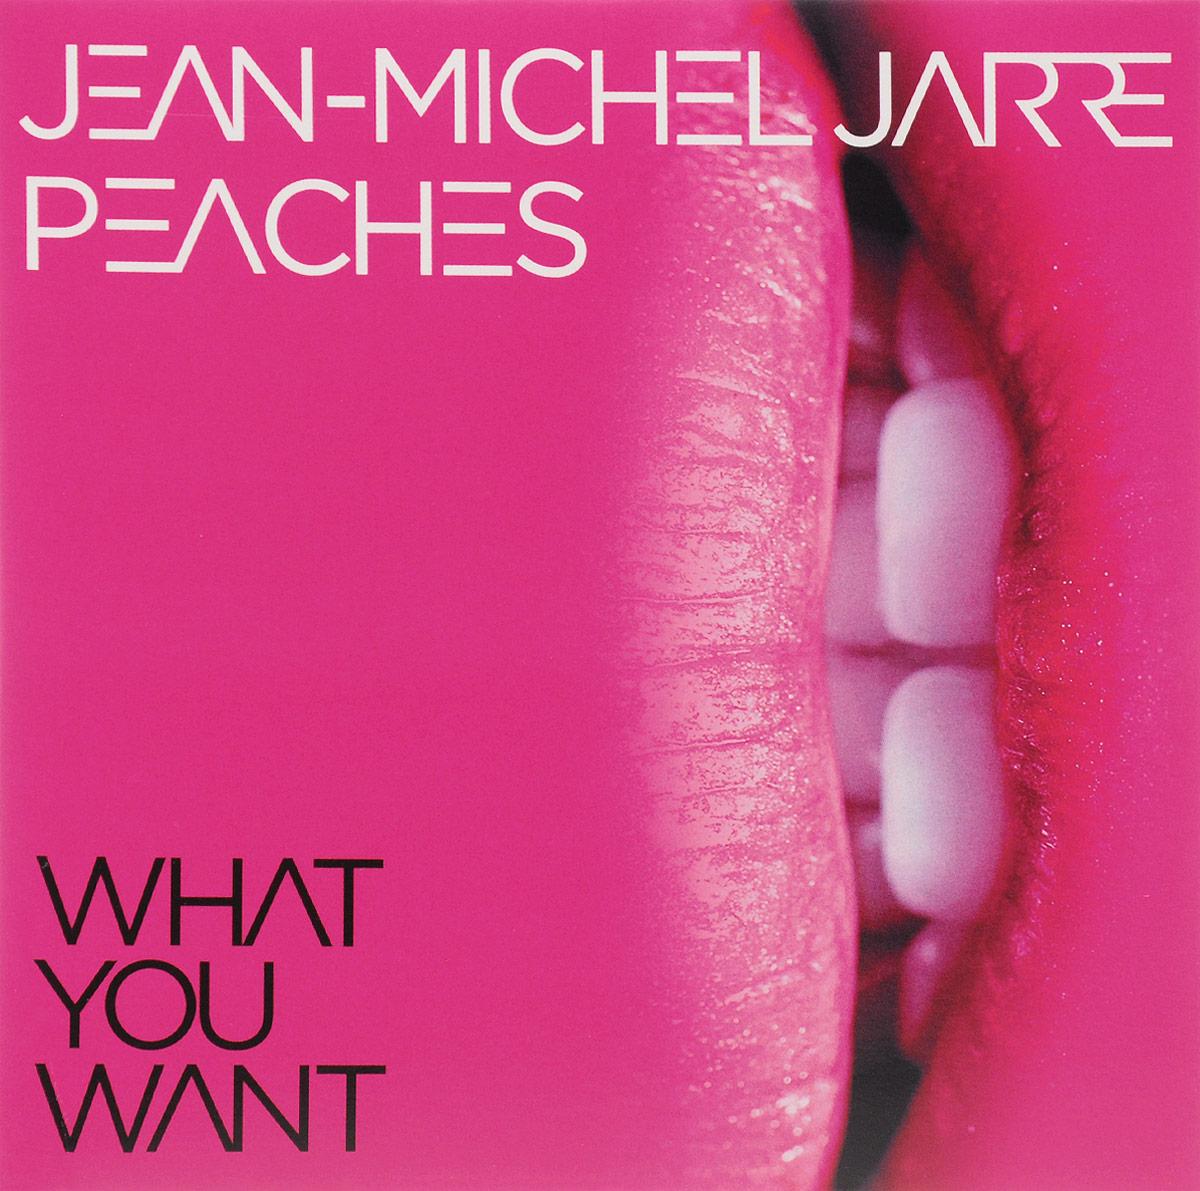 Формат LP: Vinyl, 7